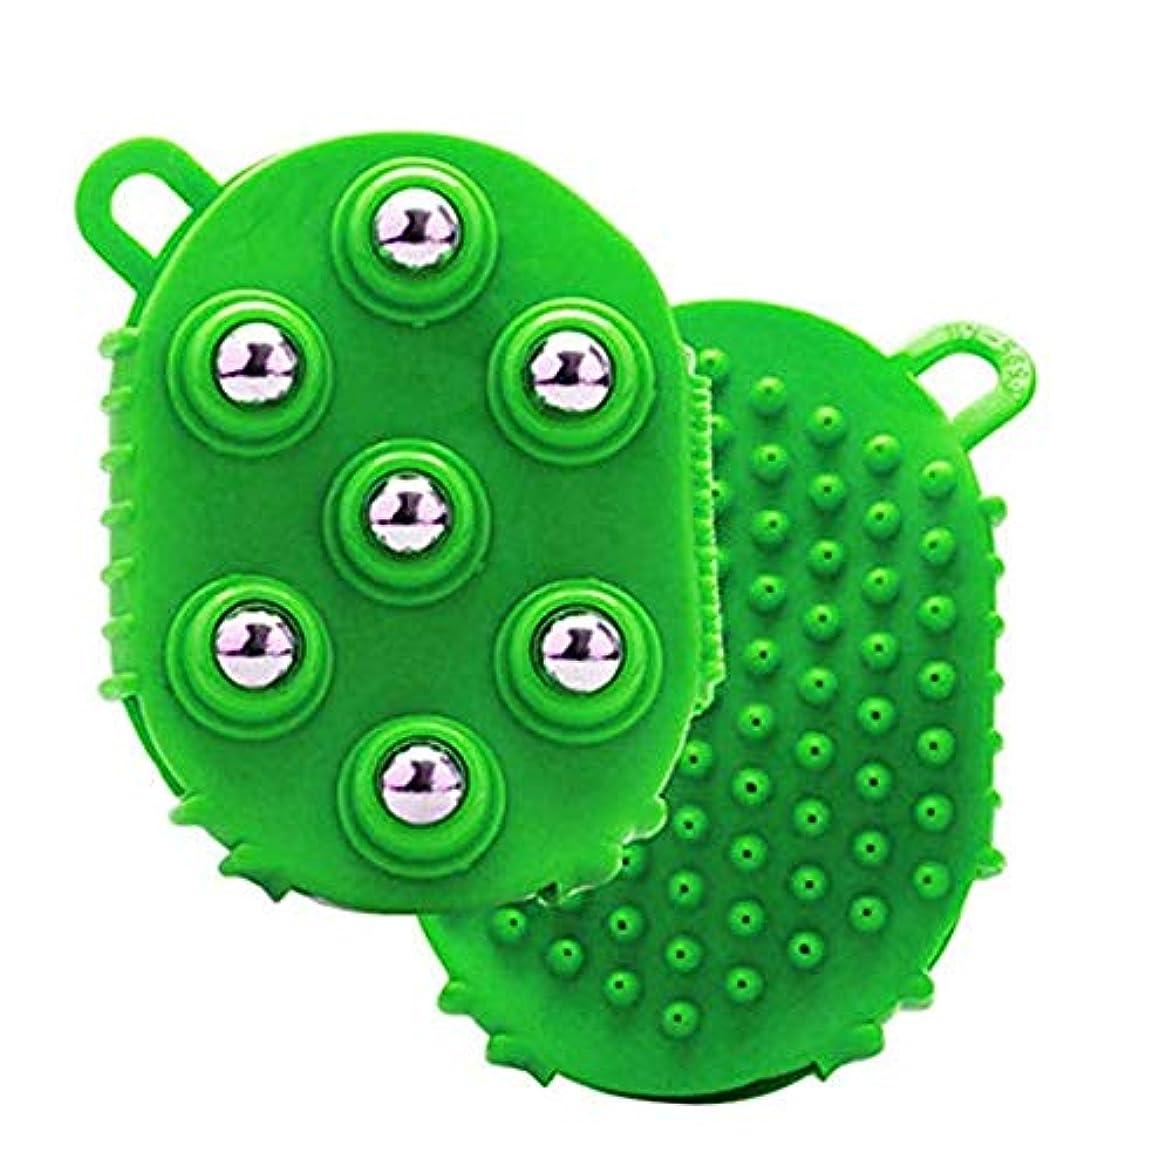 7つの回転金属ボール付きマッサージグローブ、ボディマッサージグローブフルボディマッサージャー,グリーン